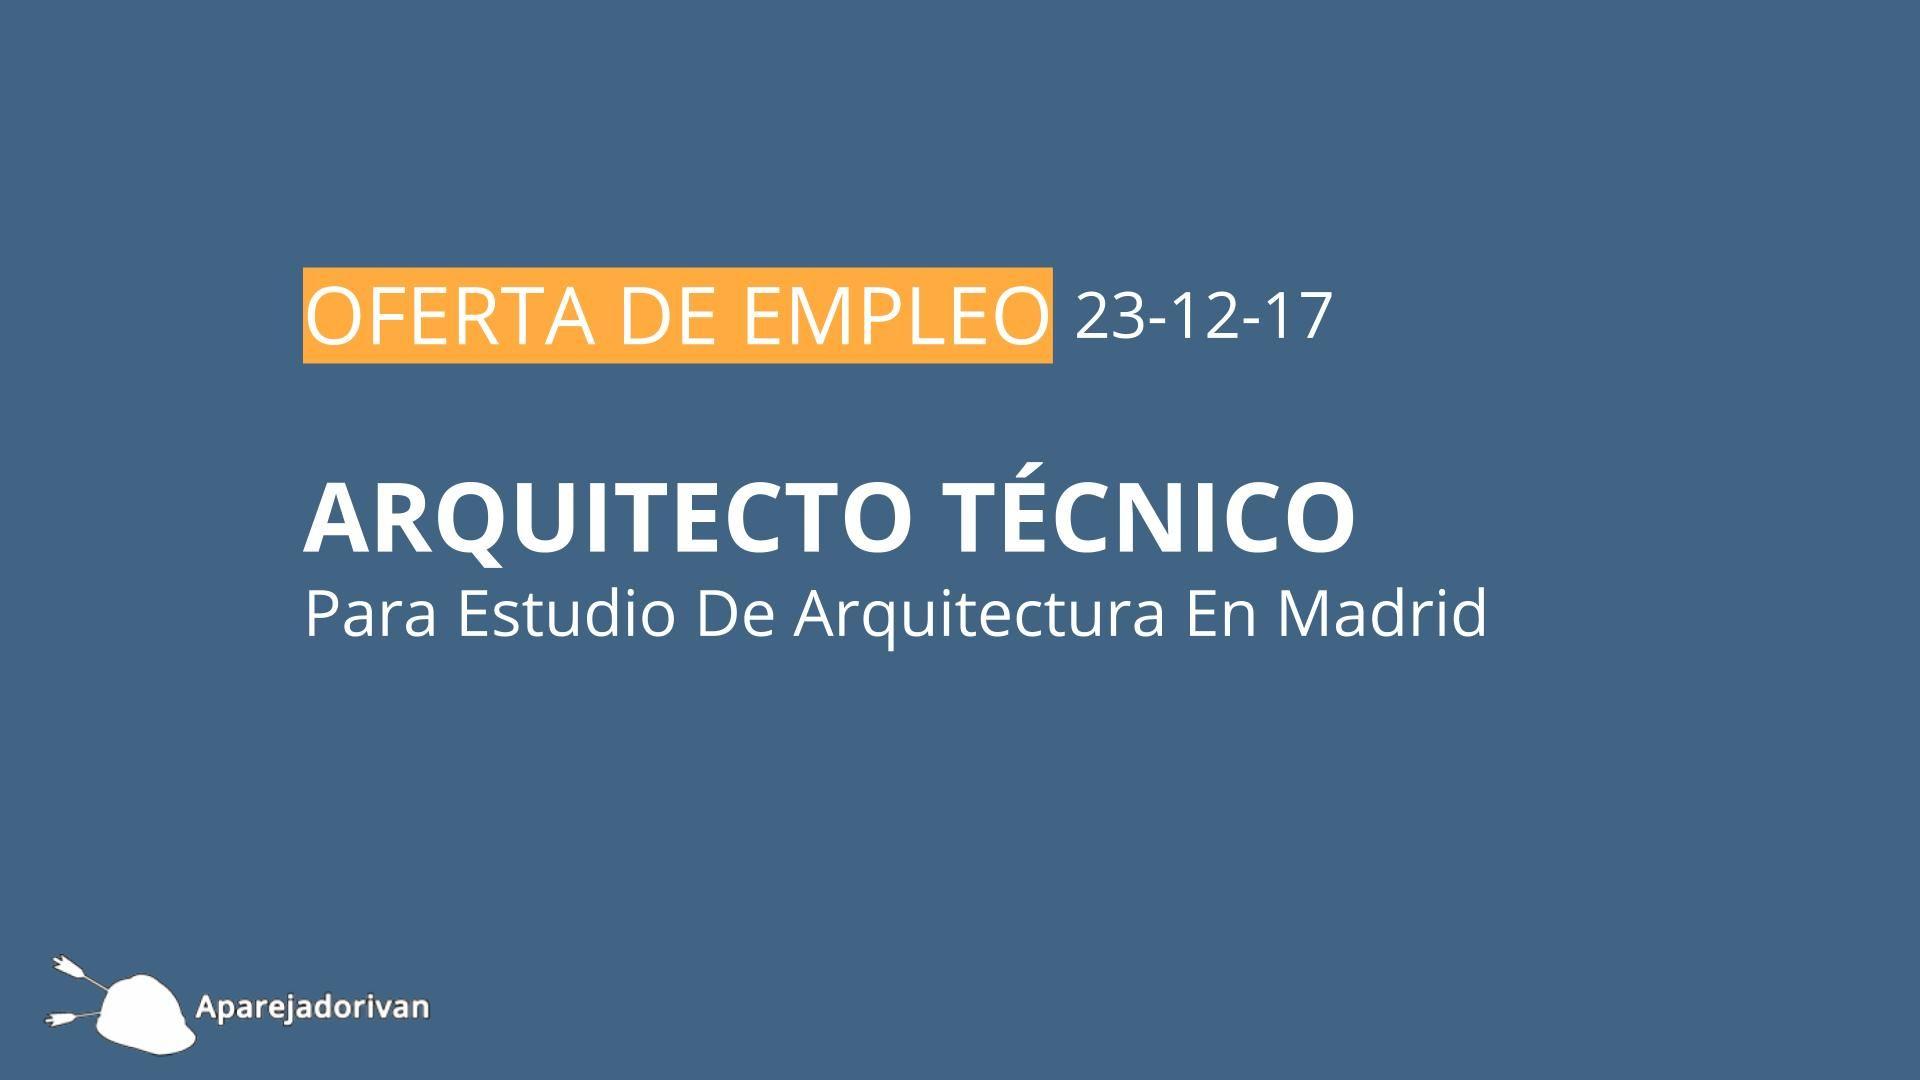 Oferta empleo arquitecto t cnico en madrid aparejador iv n - Trabajo de arquitecto en madrid ...